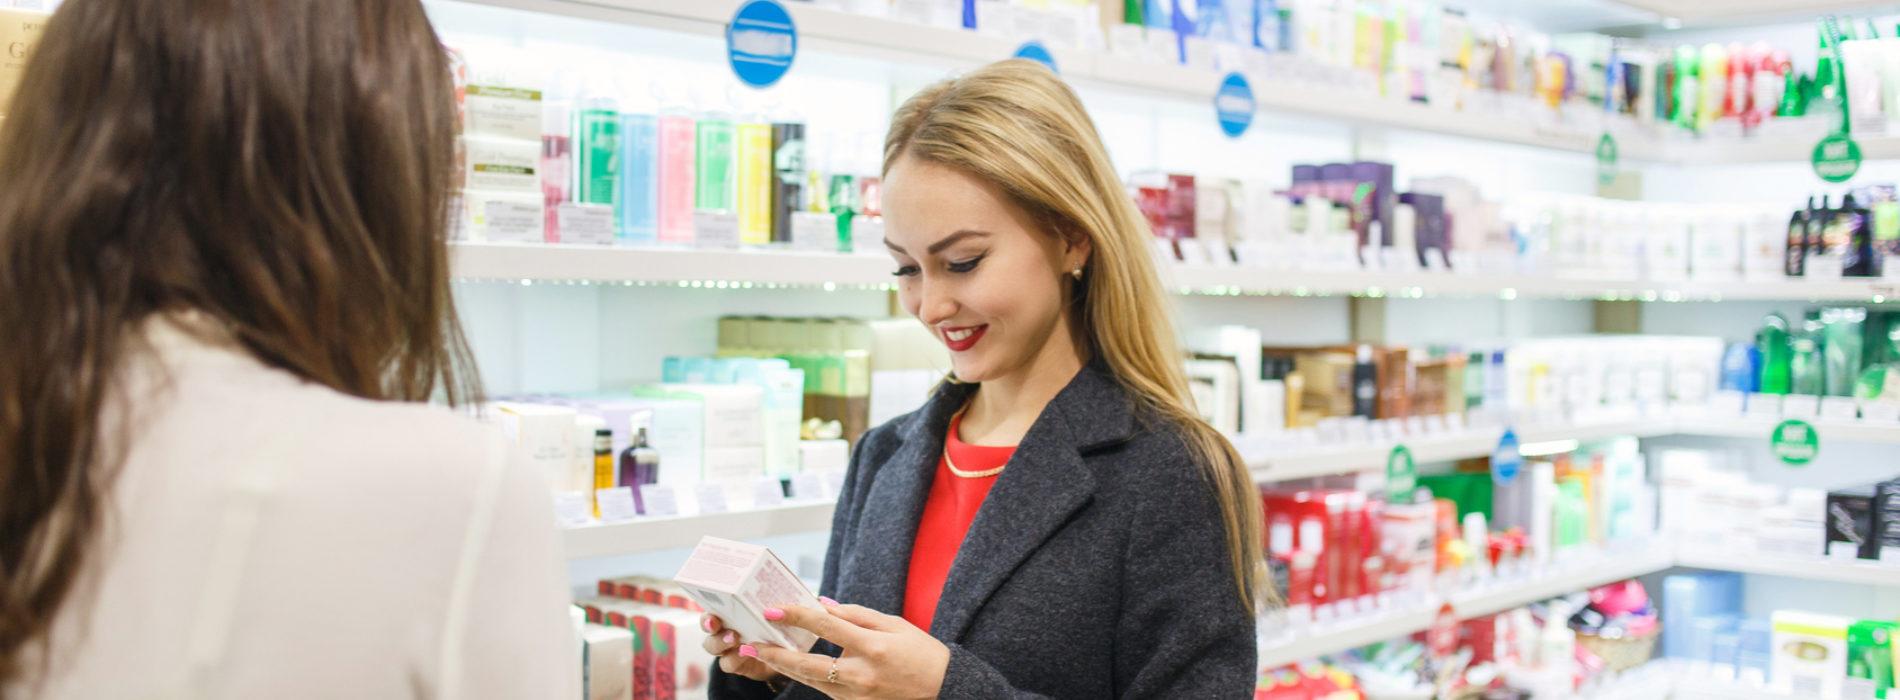 Znajdź bardzo prosty sposób, dzięki któremu zaoszczędzisz przy zakupie swoich ulubionych kosmetyków! Wykorzystuj kody zniżkowe i rabaty!